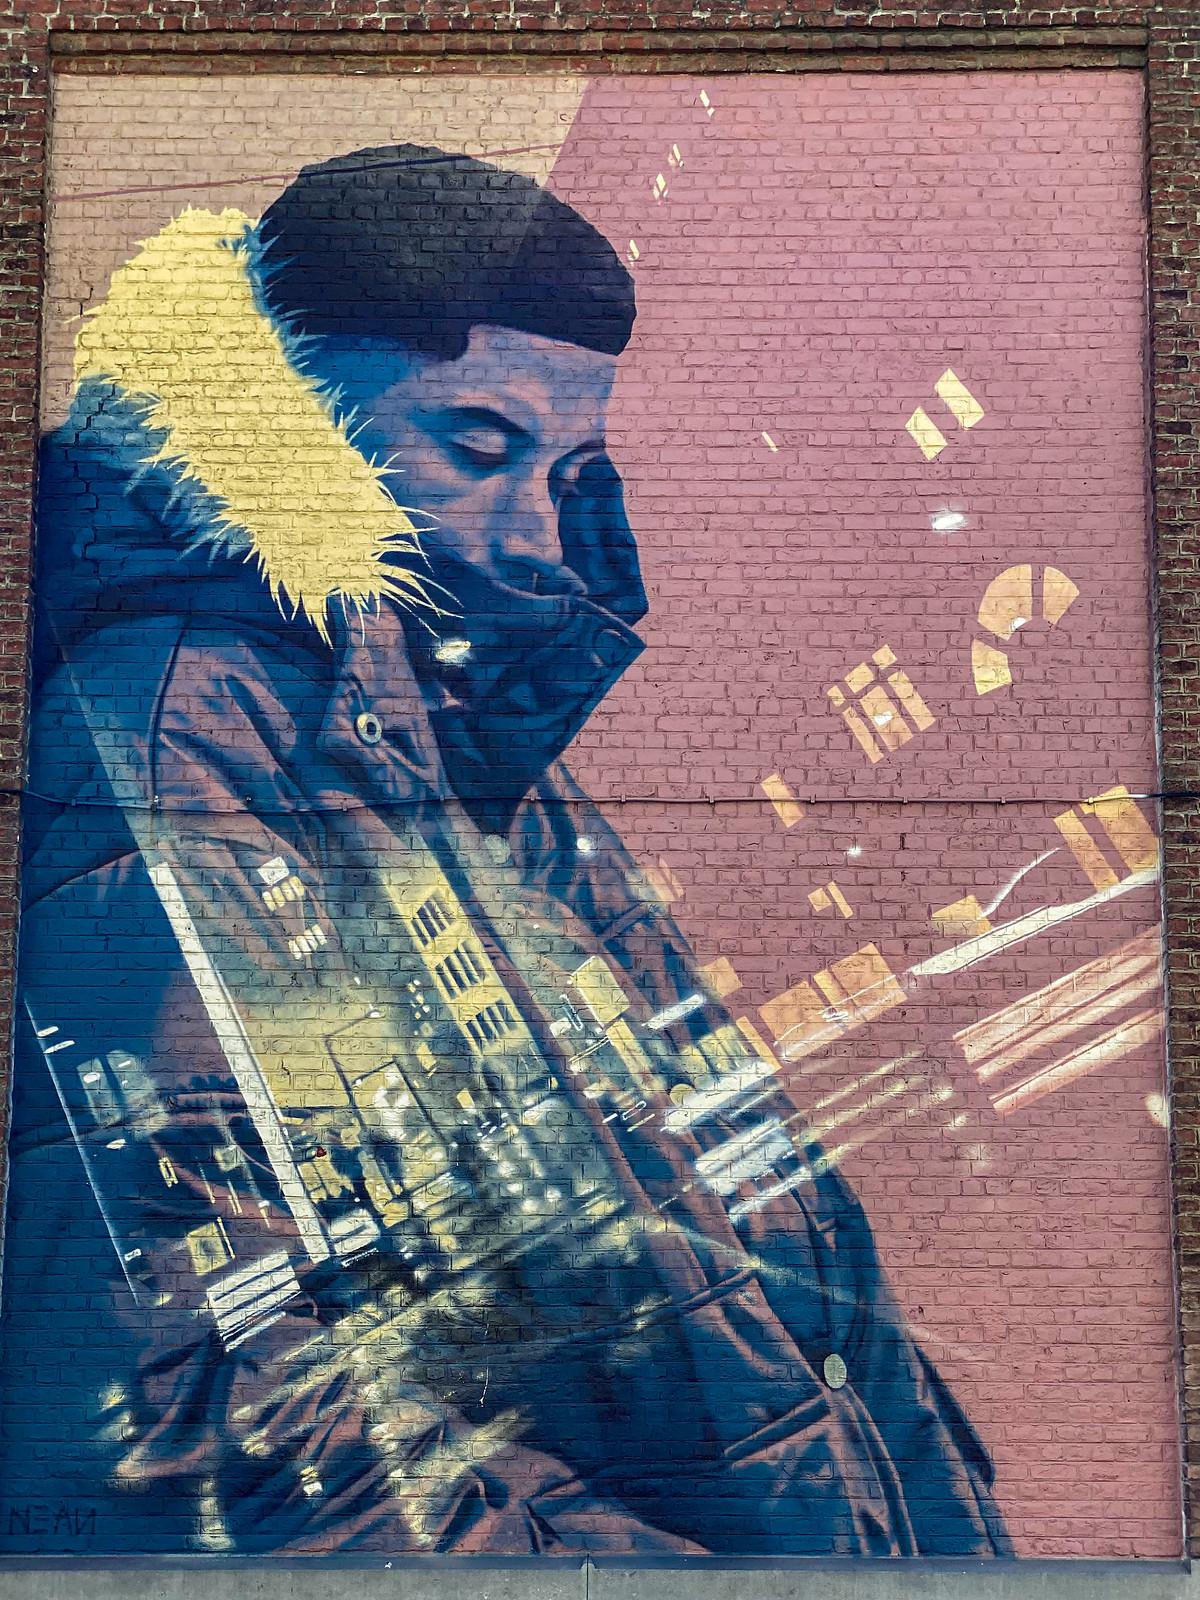 Street grafiti mural b unkown artist